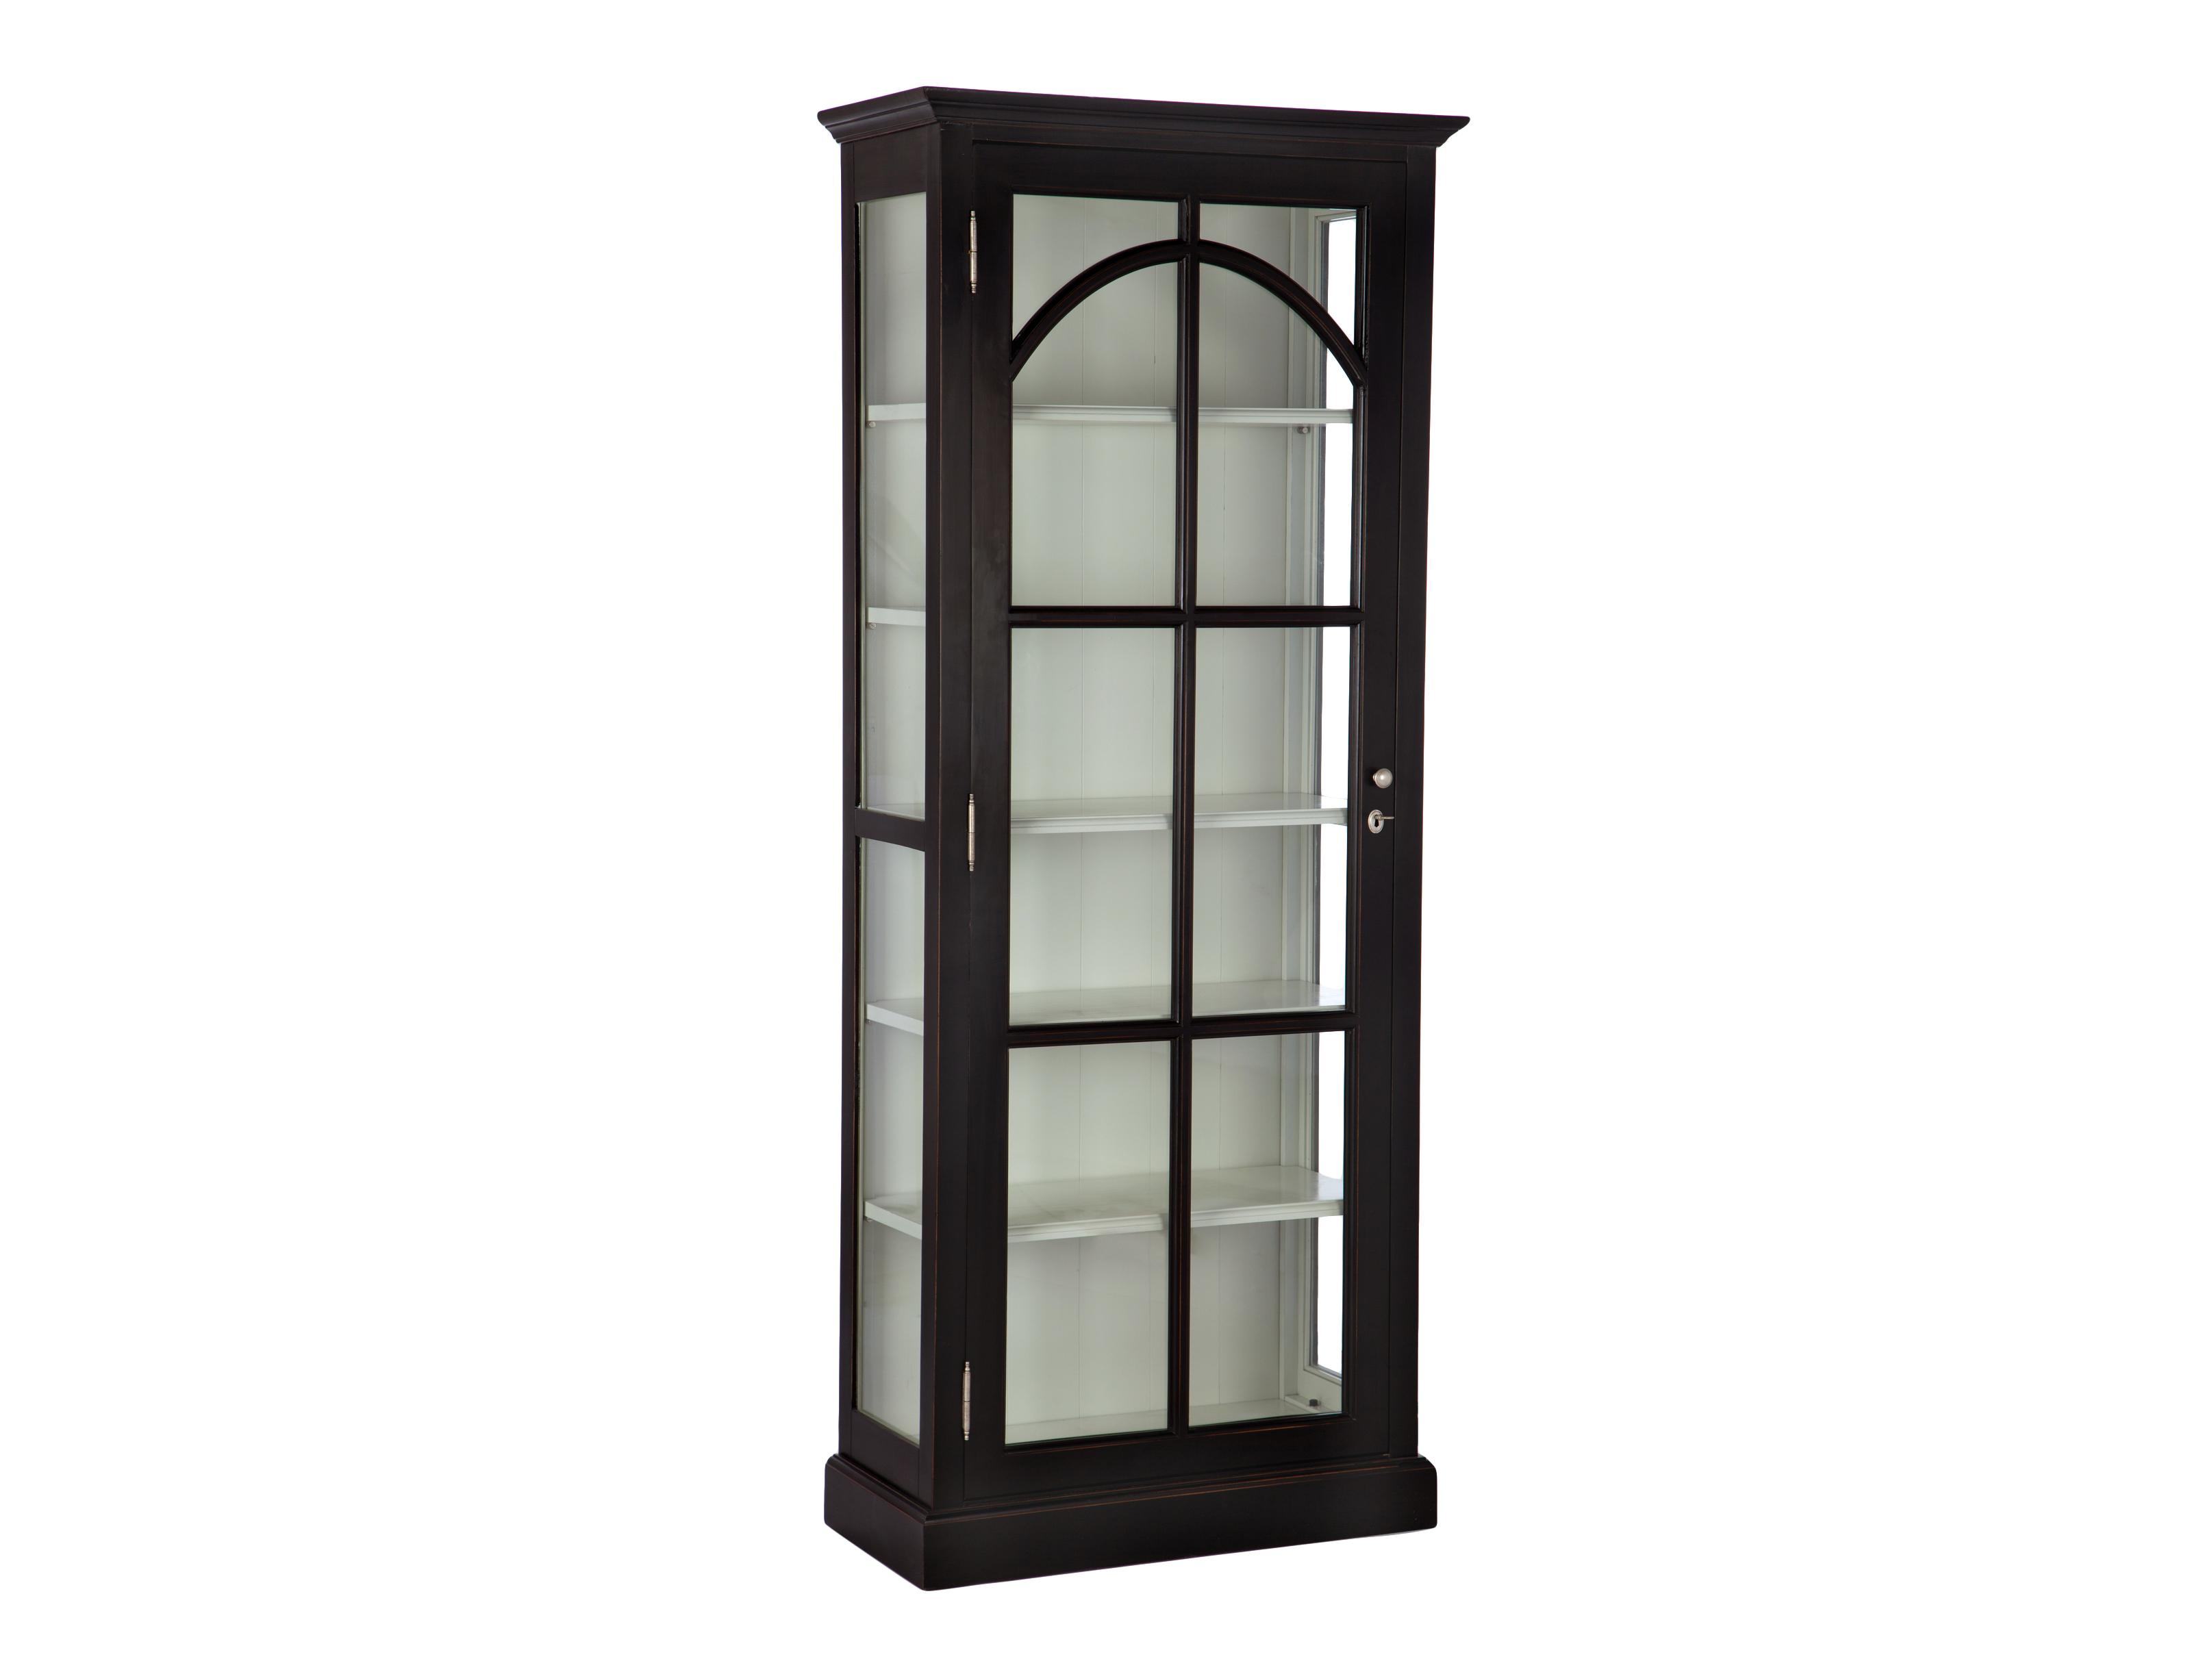 ВитринаВитрины<br>Узкая витрина из дерева со стеклом по бокам и на декорированной дверце.&amp;amp;nbsp;&amp;lt;div&amp;gt;&amp;lt;br&amp;gt;&amp;lt;/div&amp;gt;<br><br>Material: Береза<br>Width см: 79<br>Depth см: 40<br>Height см: 200